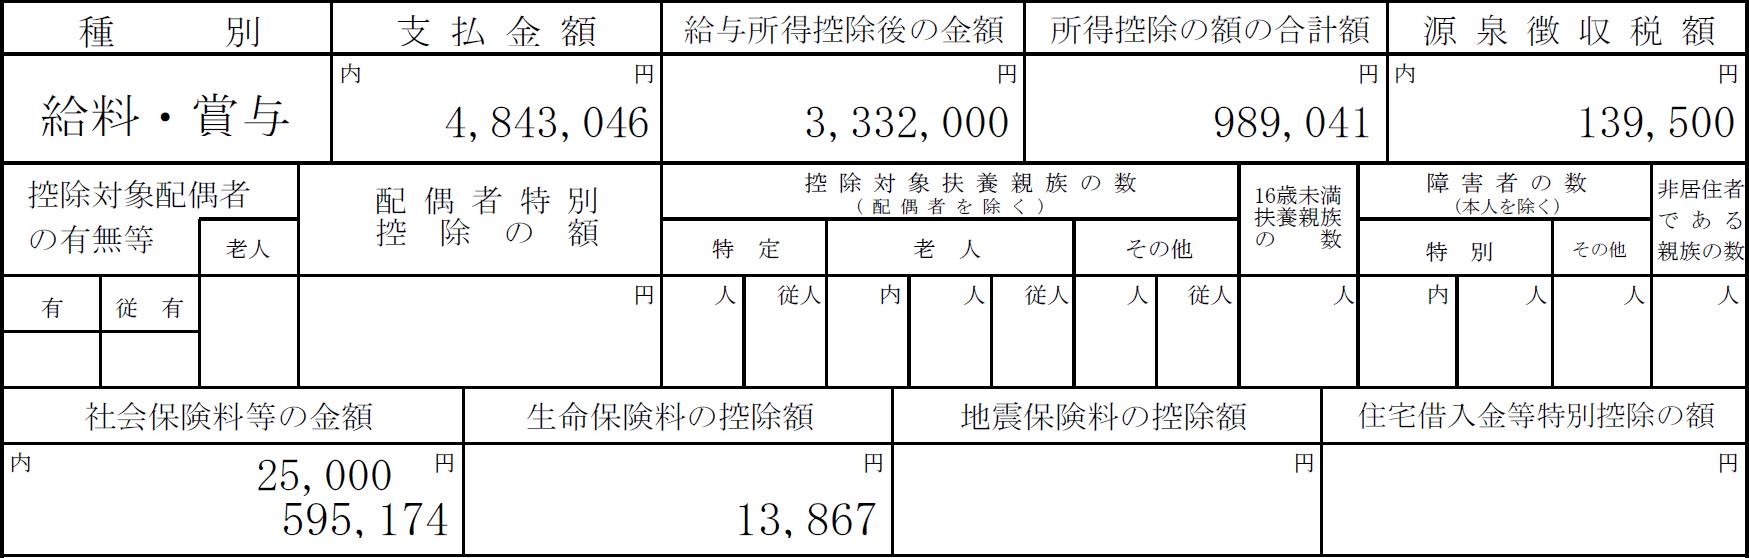 平成28年源泉徴収票(5年目)